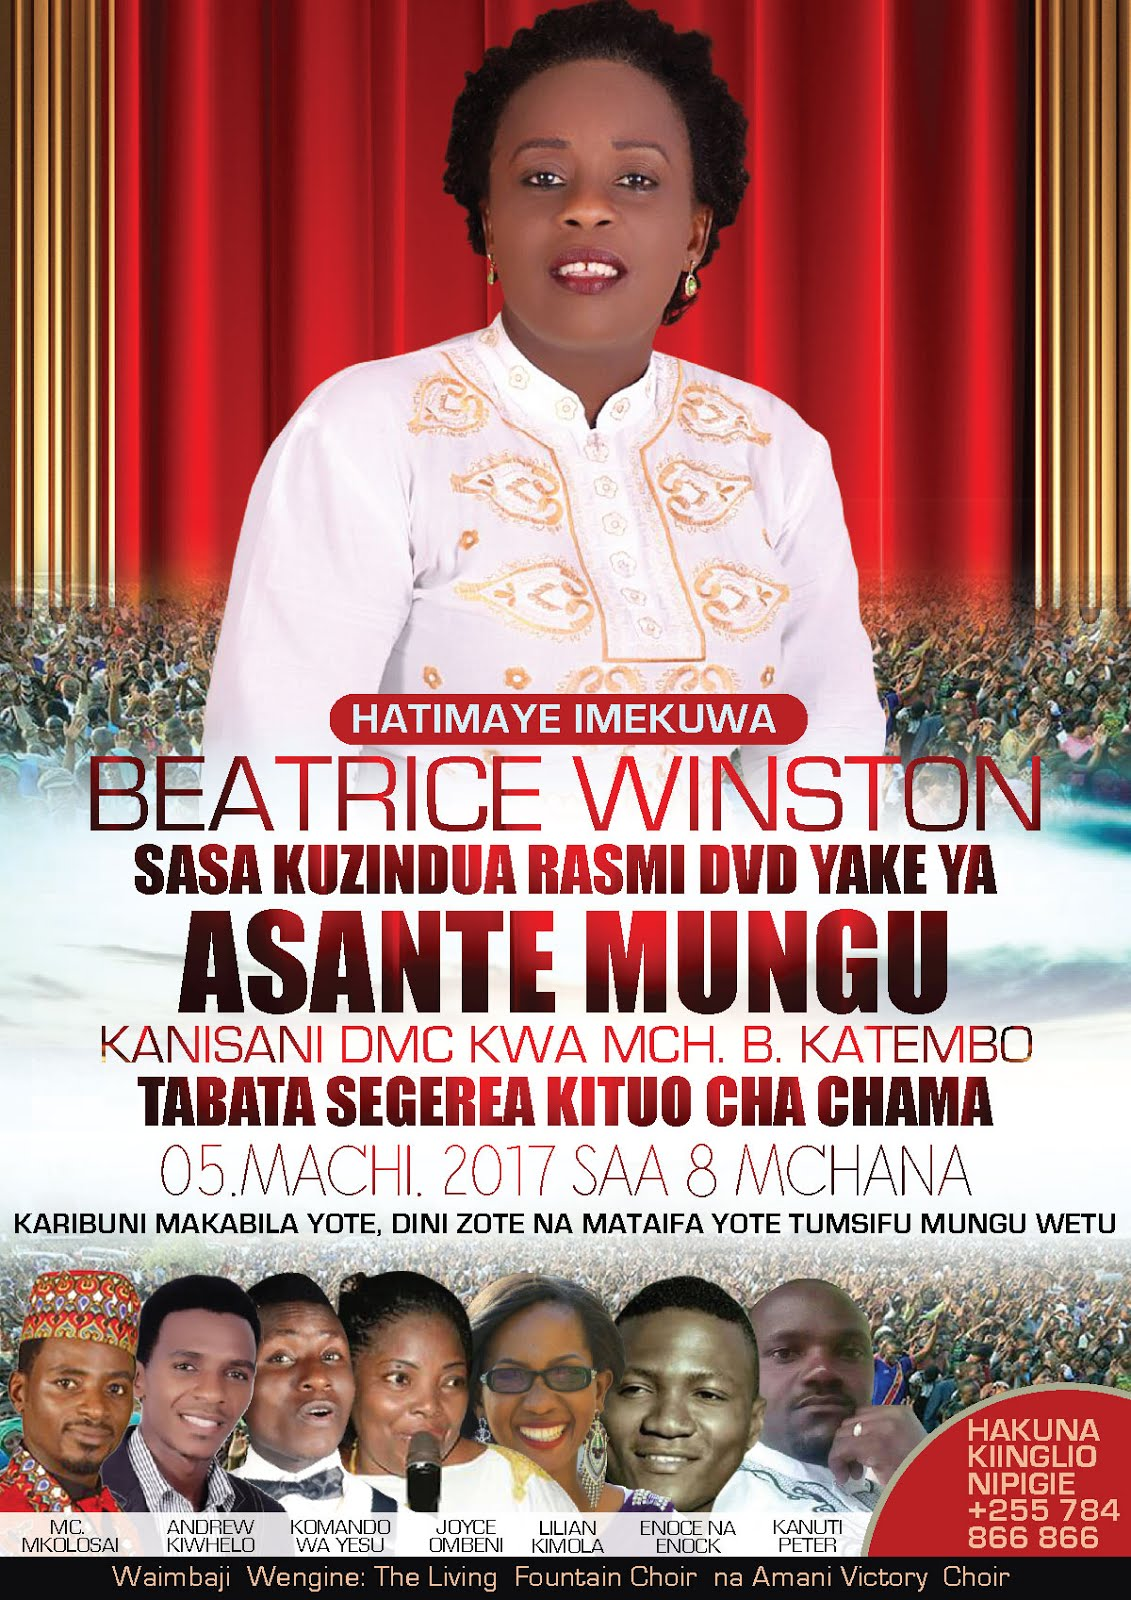 BEATRICE WINSTON